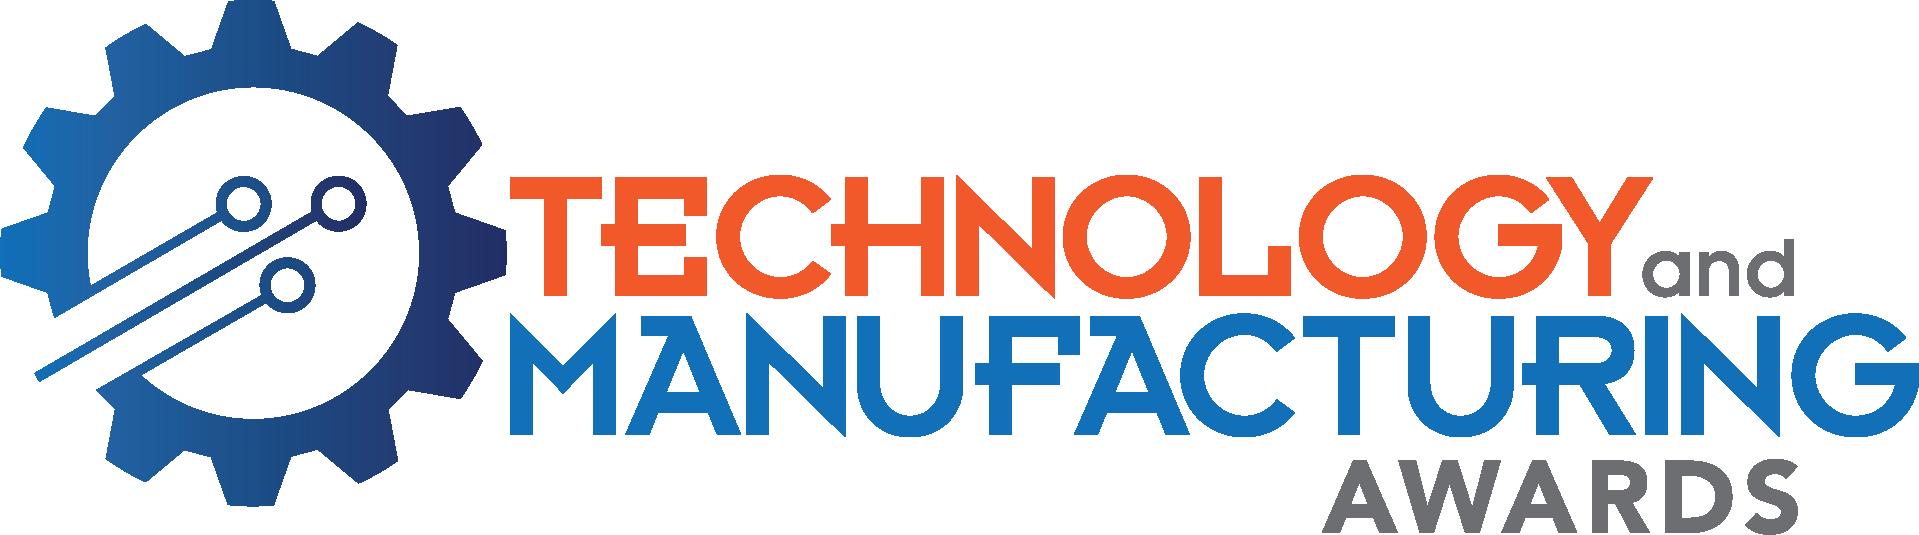 Tech_man_logo-2